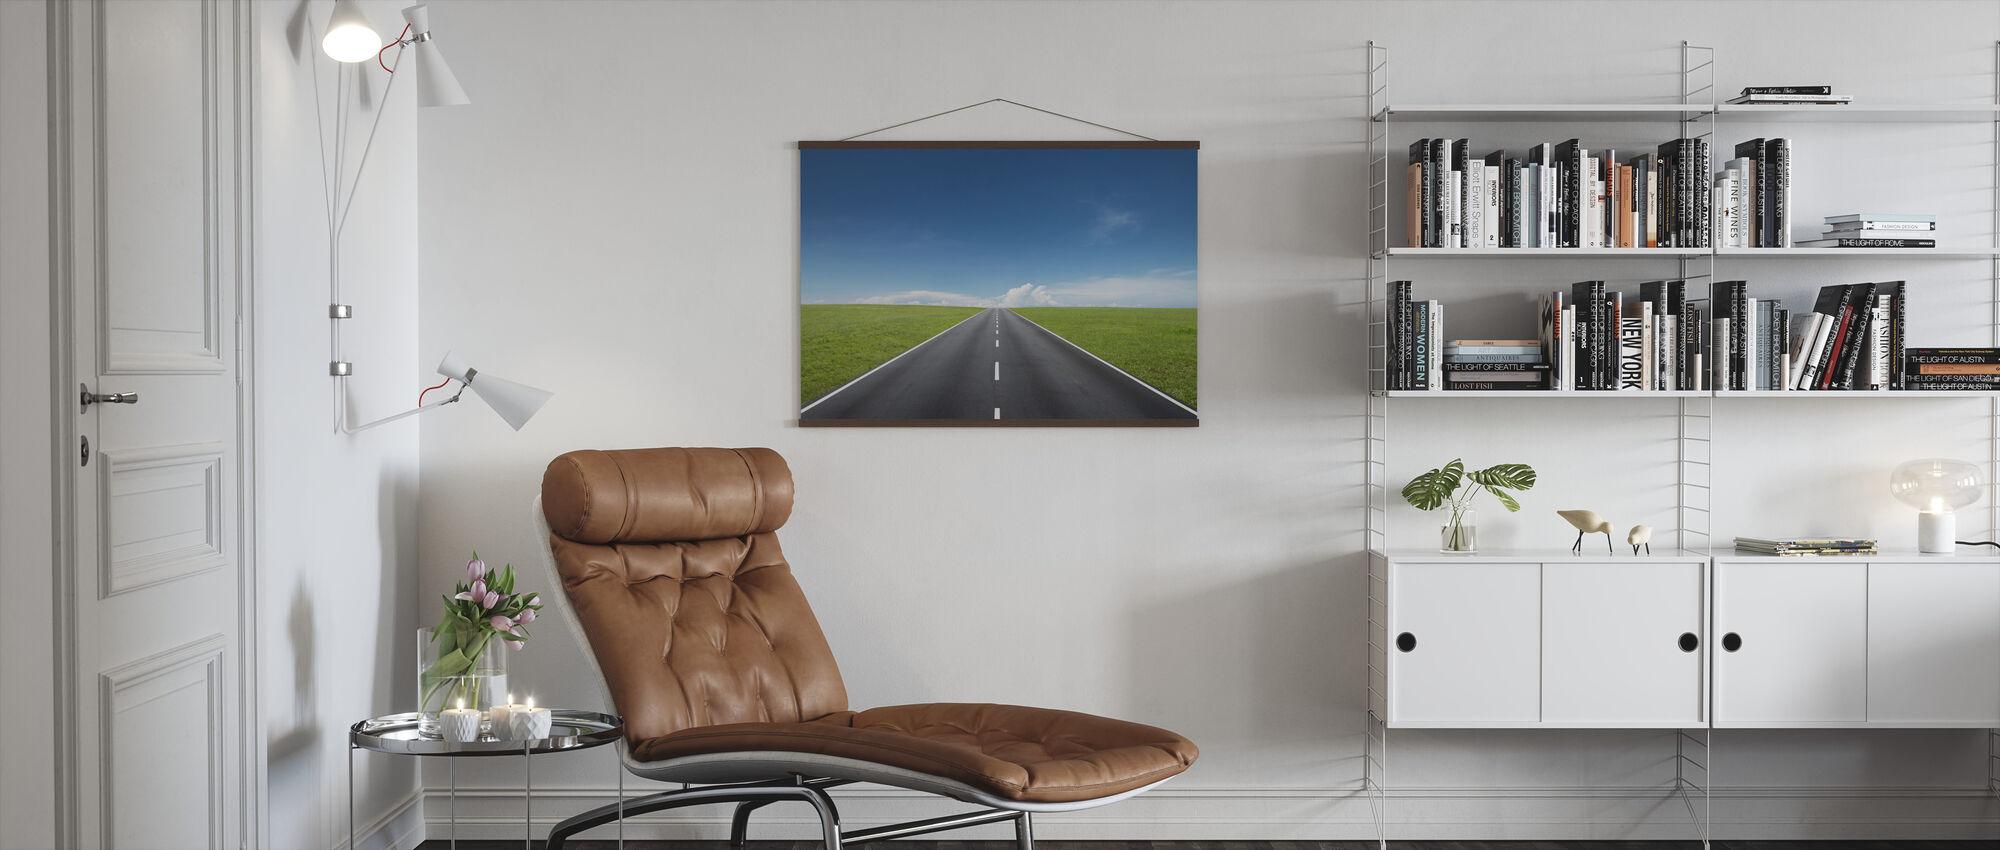 Endeløse veien - Plakat - Stue